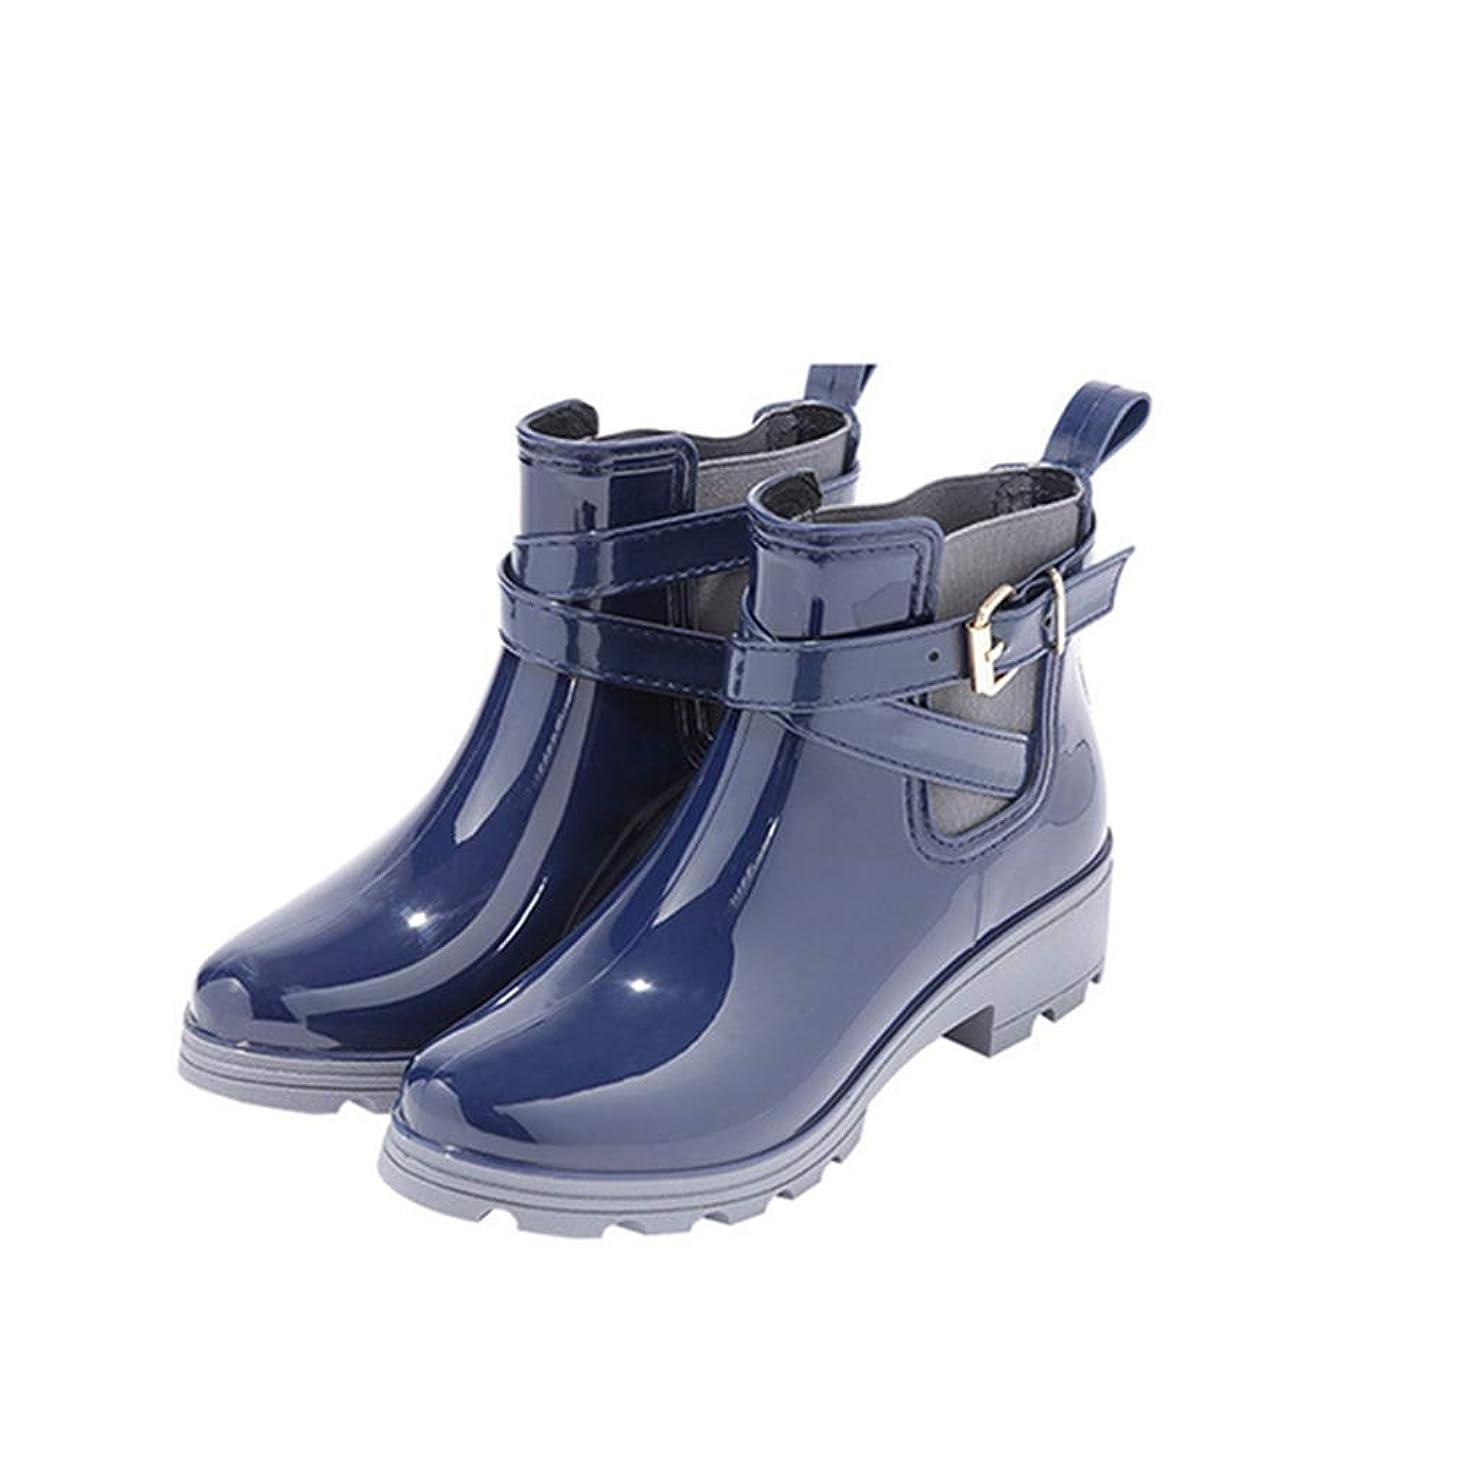 顕微鏡仮定芝生[OceanMap] 完全防水 美脚 レインブーツ レディース ショート ローヒール ラバーブーツ 厚底 大きいサイズ レインシューズ 通勤 おしゃれ 長靴 スノーブーツ 雪 靴 滑り止め 防水 防滑 雪道 ショートブーツ ネイビー